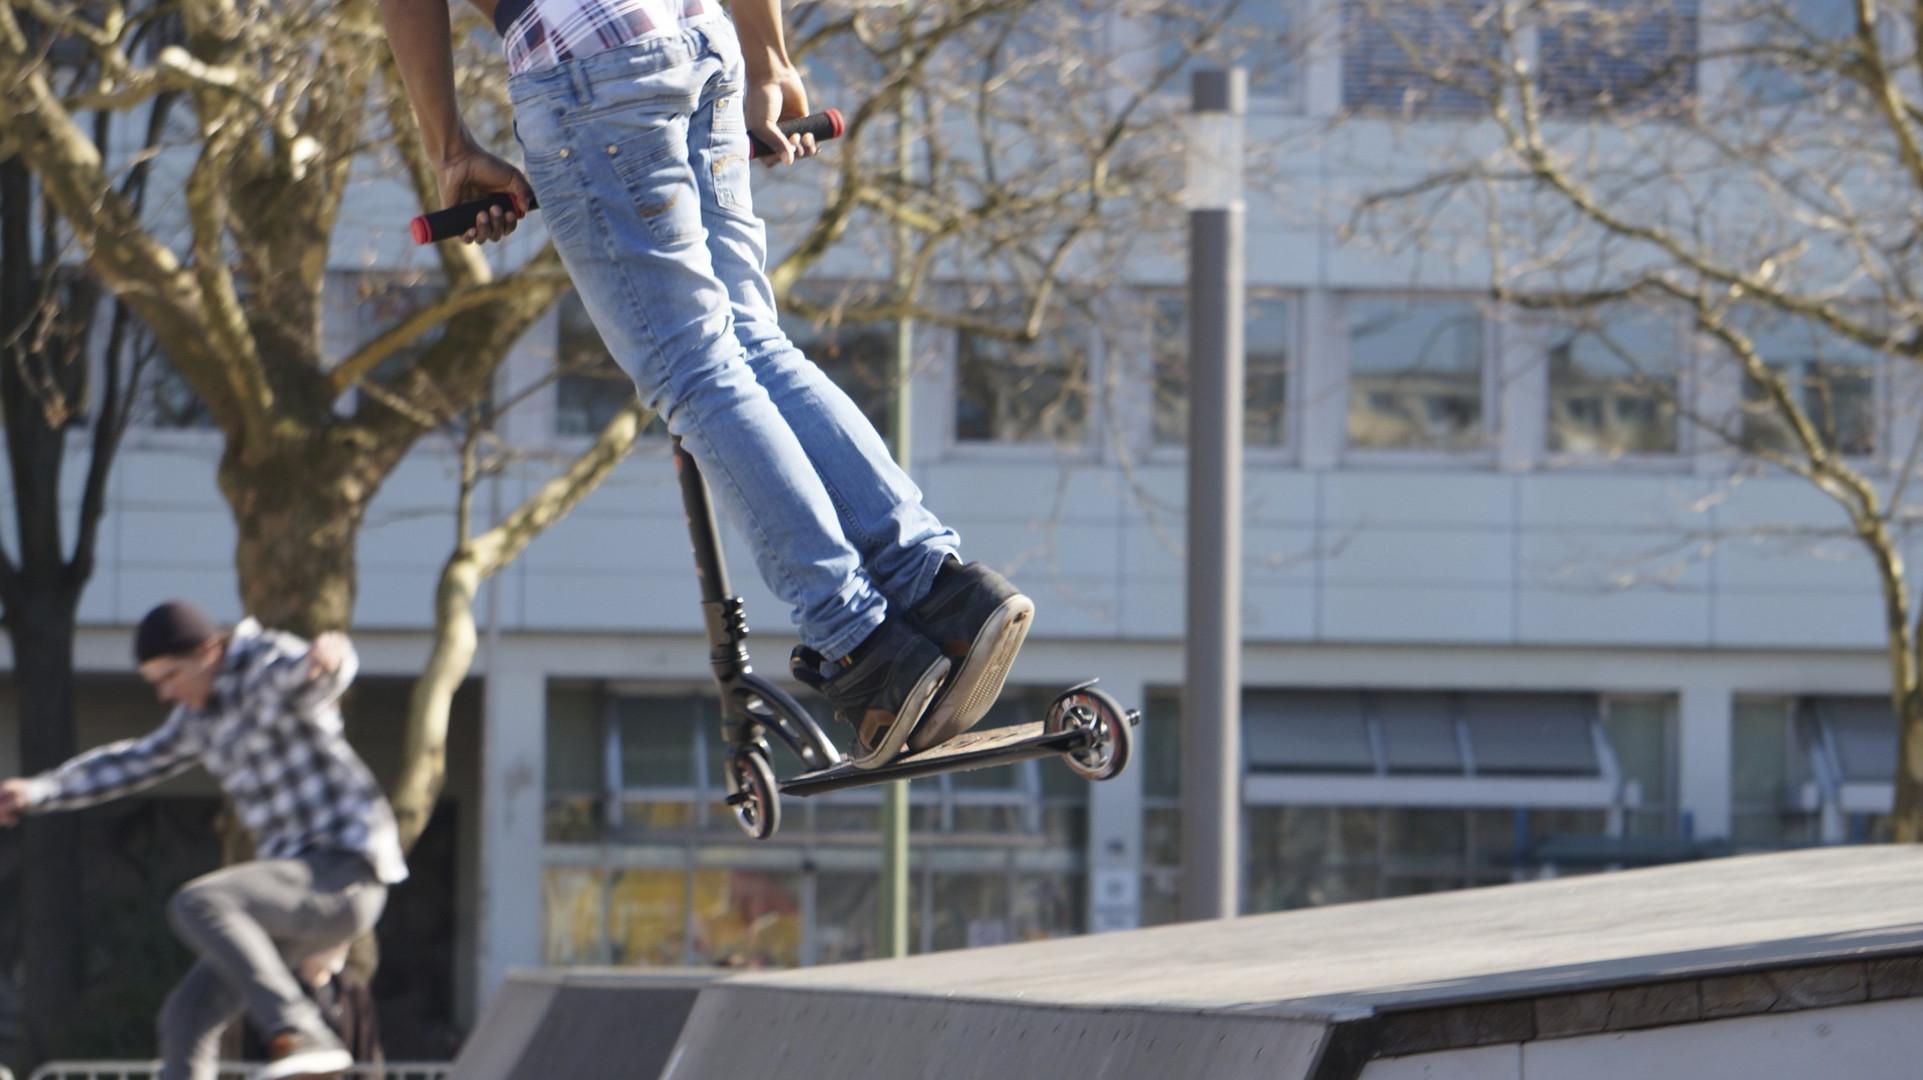 auf der Skaterbahn 3